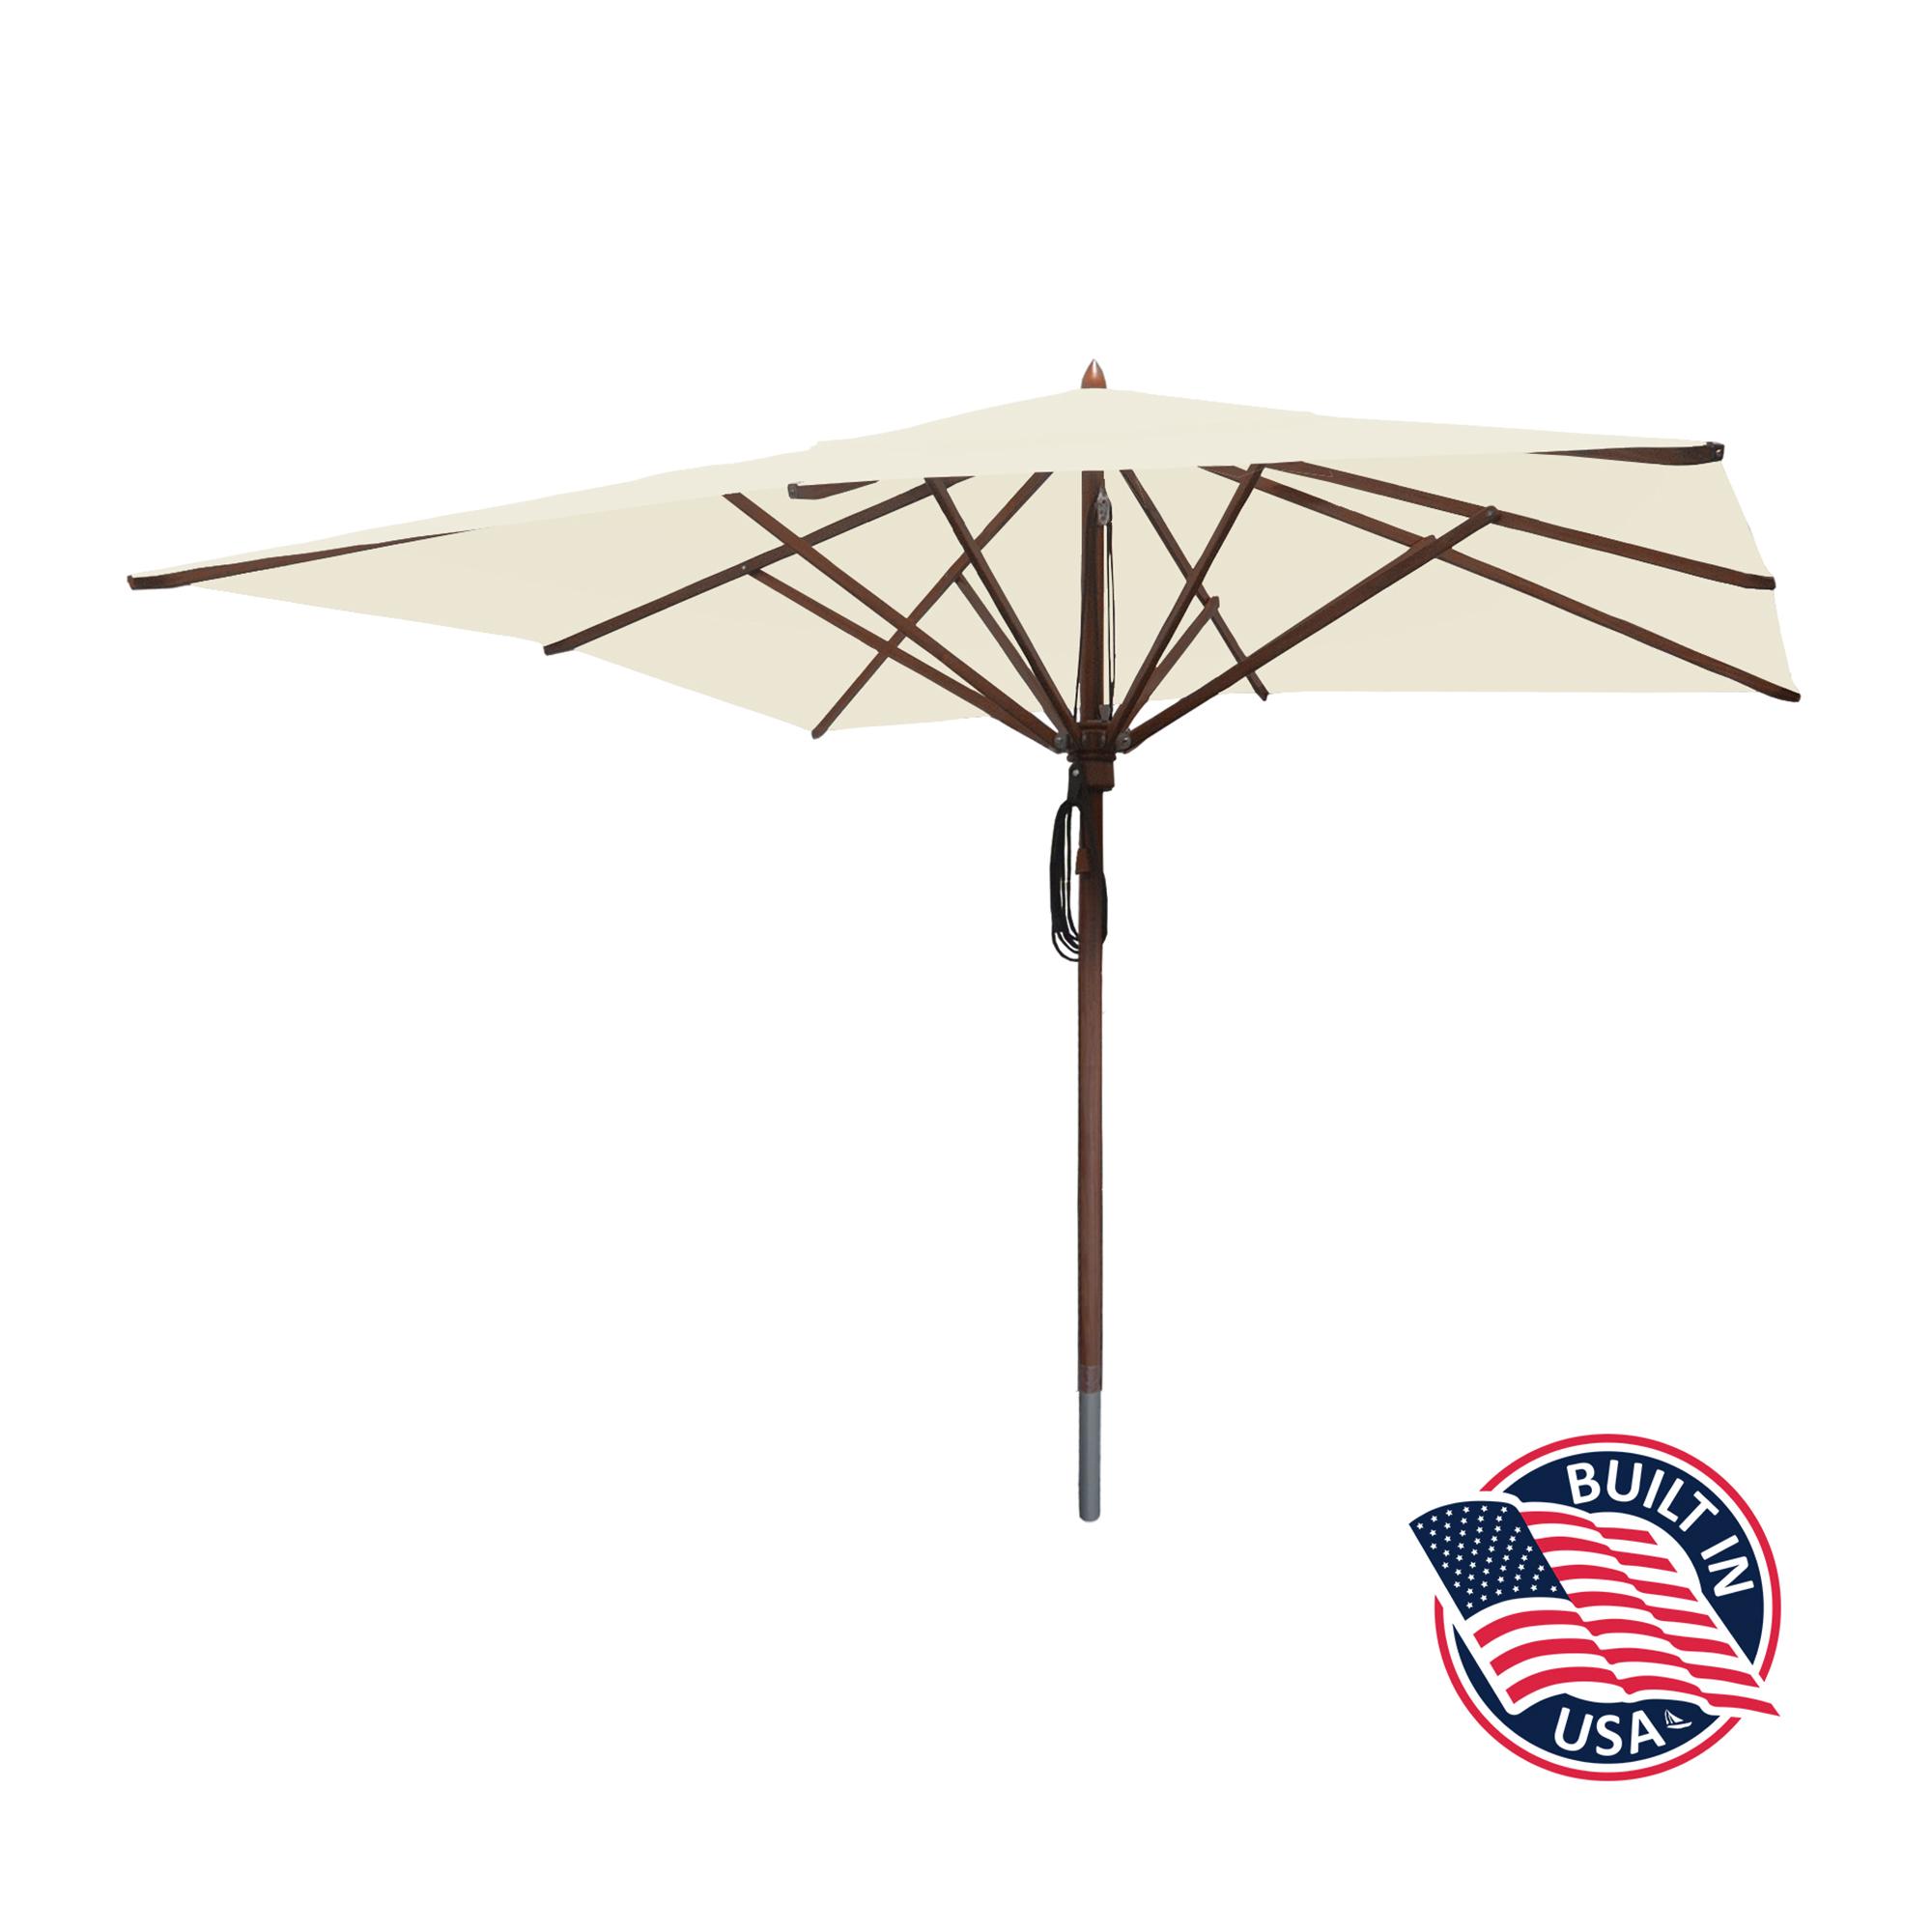 10' Square Patio Umbrella